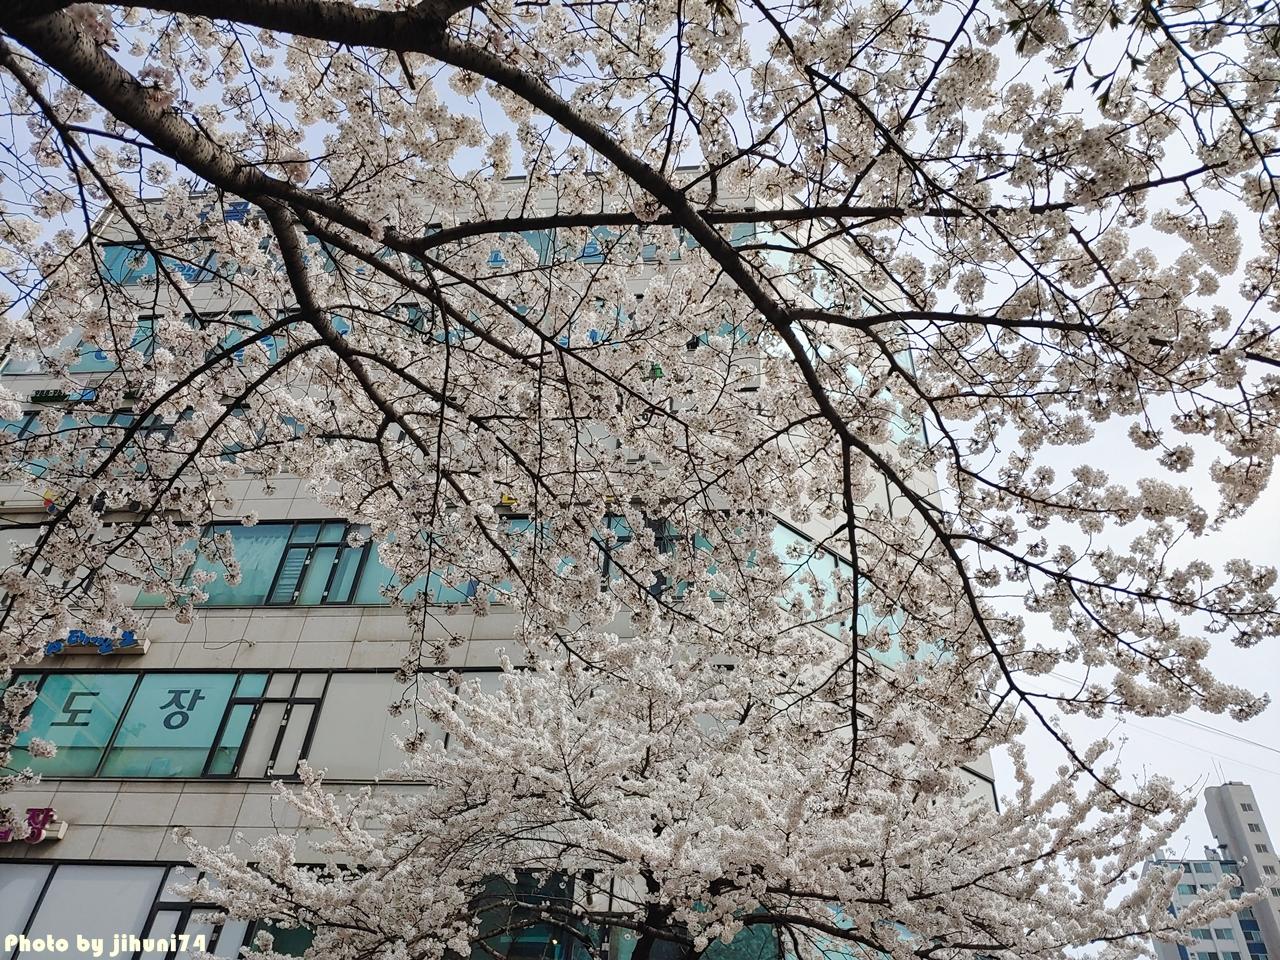 [경기 김포] 일상 속 봄 느낌 가득한 장소, 계양천 벚꽃길